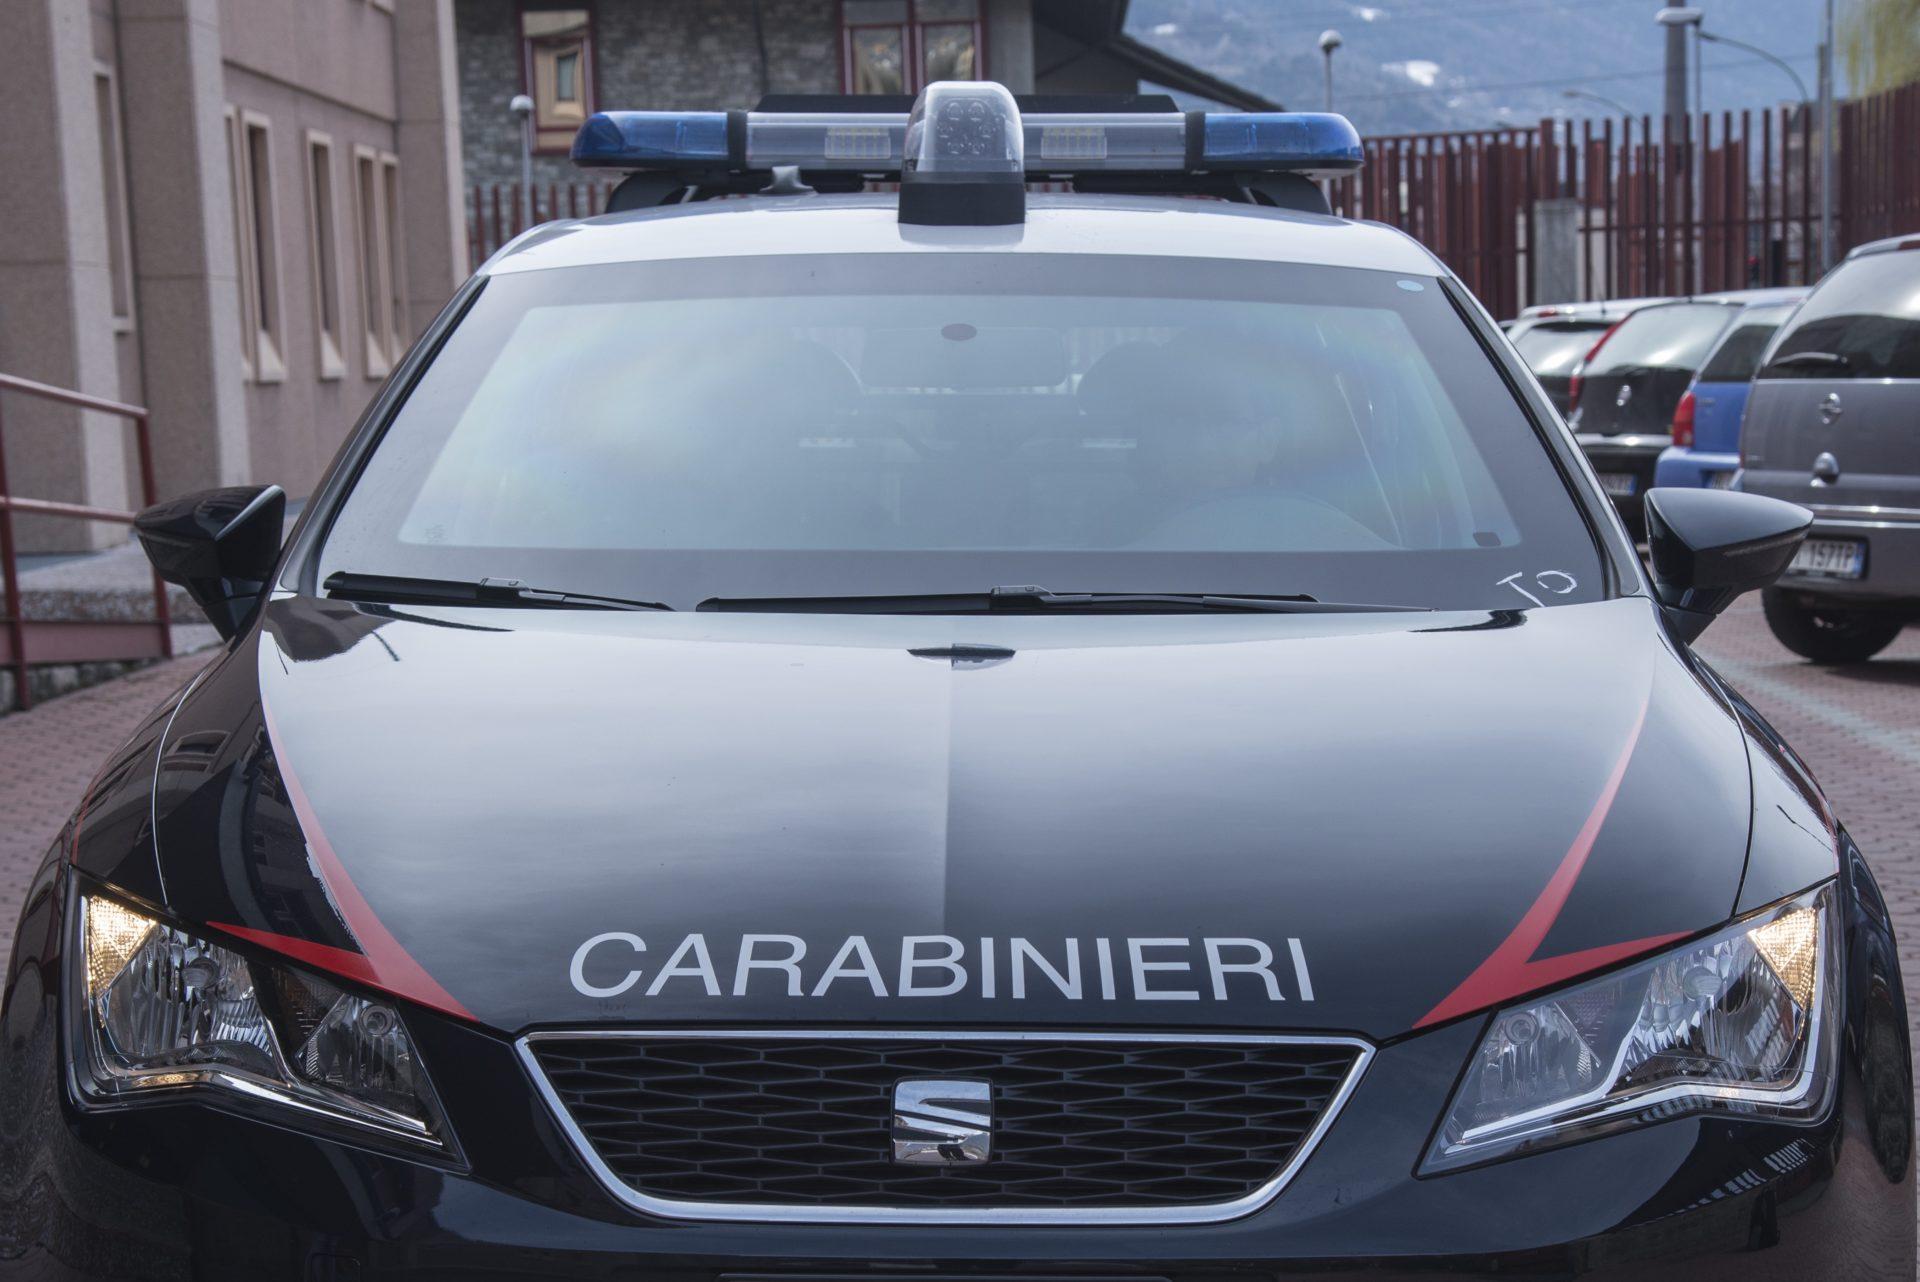 Arma dei Carabinieri Aosta